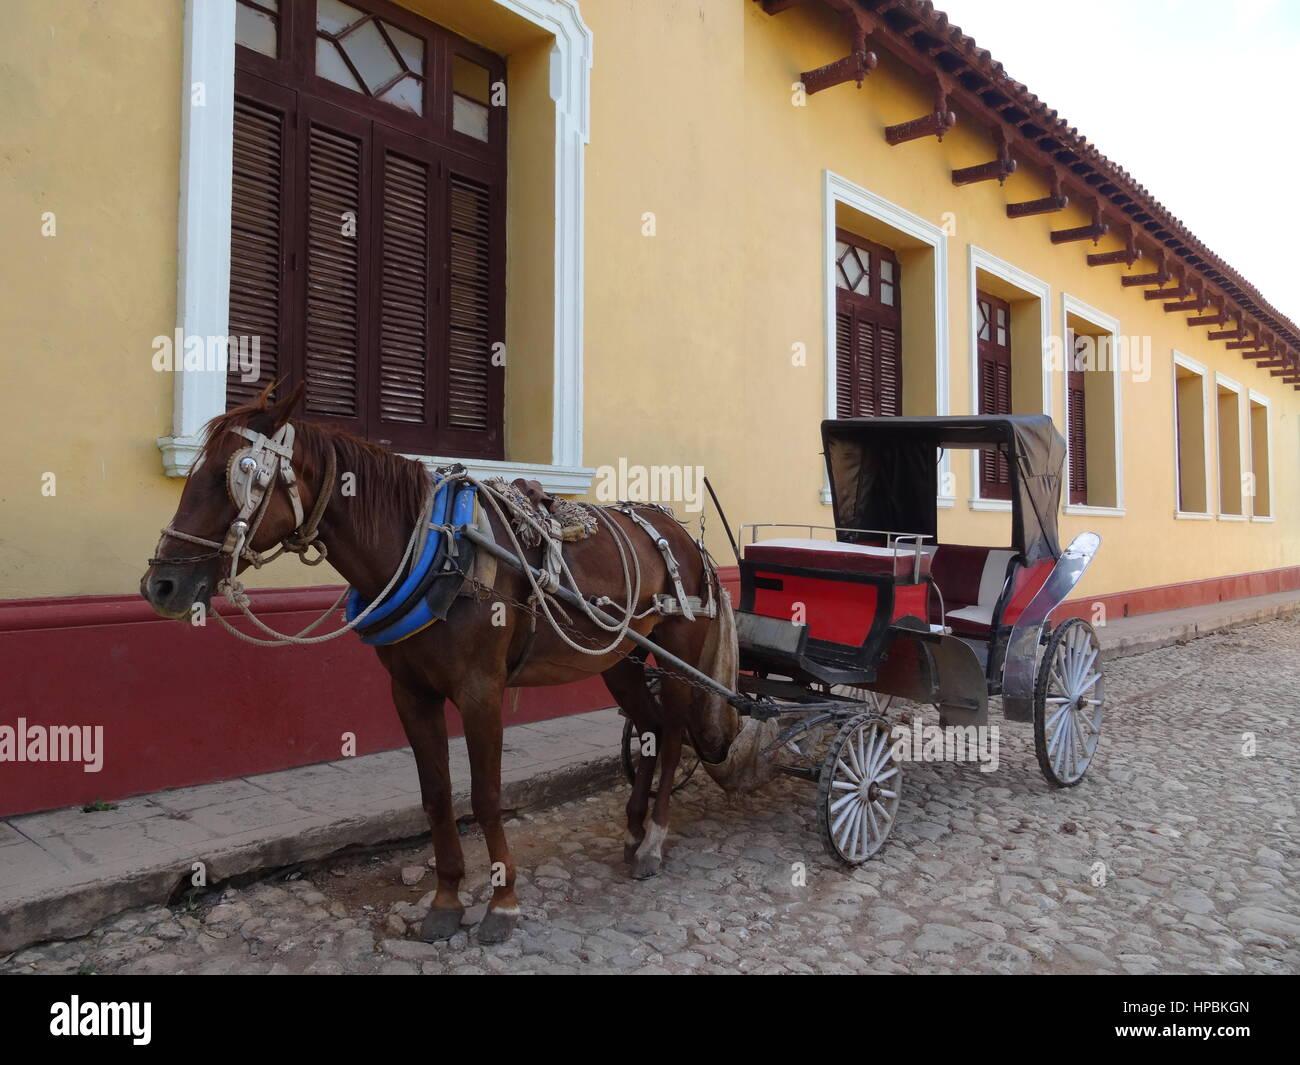 Pferd und Wagen auf einer gepflasterten Straße in Trinidad, Kuba Stockbild